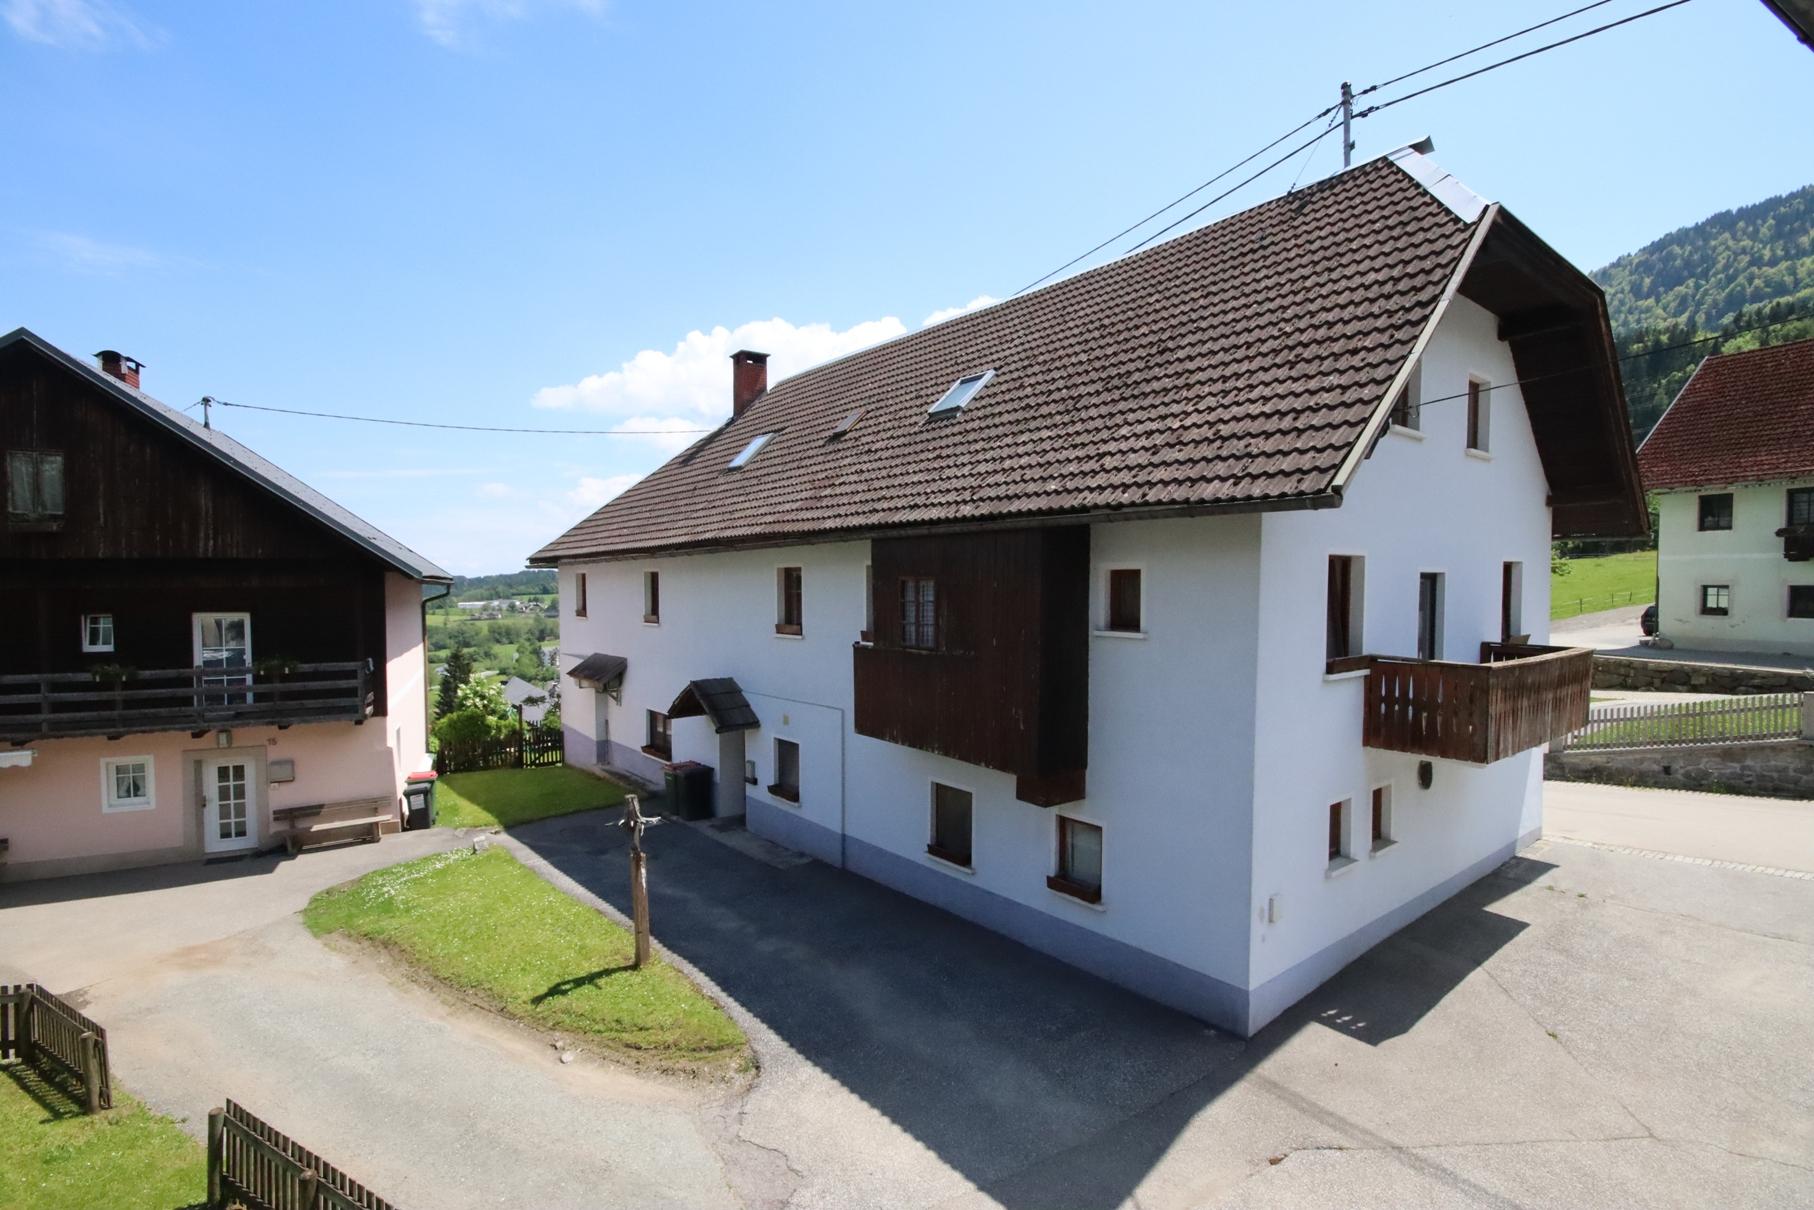 Schöner Gasthof mit Fremdenzimmern und Privatwohnung in sonniger Lage